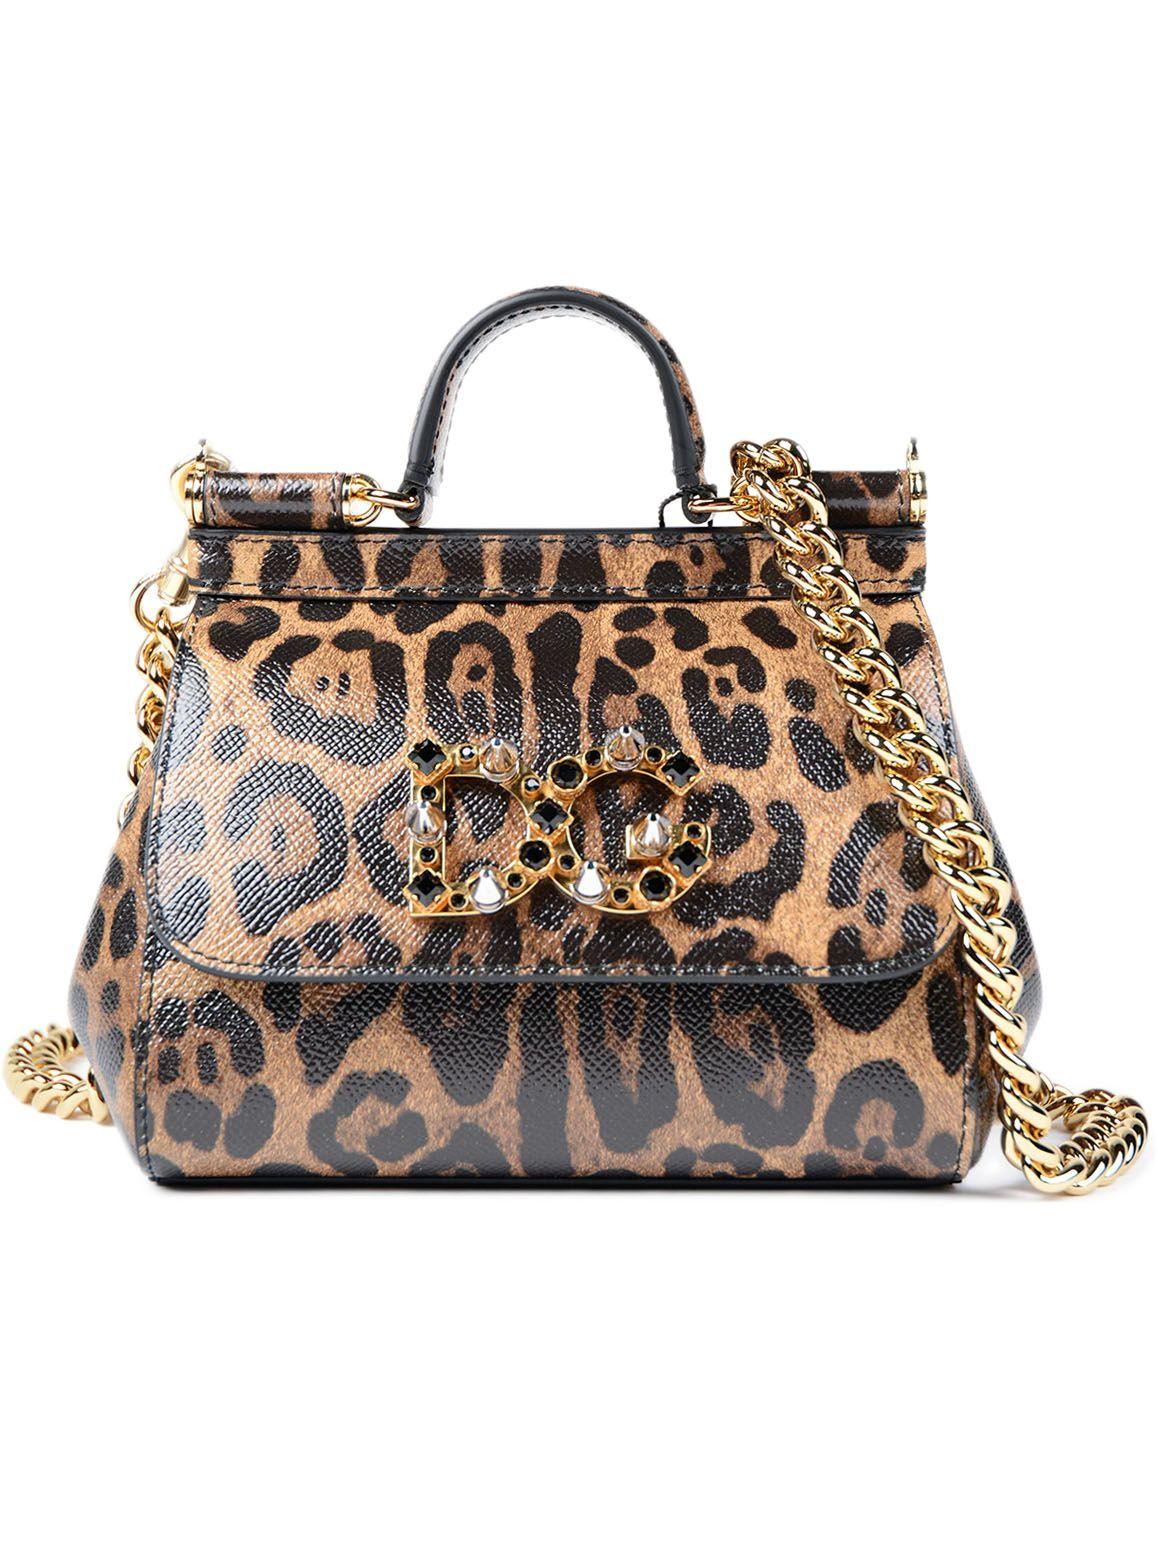 Dolce & Gabbana Dolce & Gabbana Mini Sicily Shoulder Bag